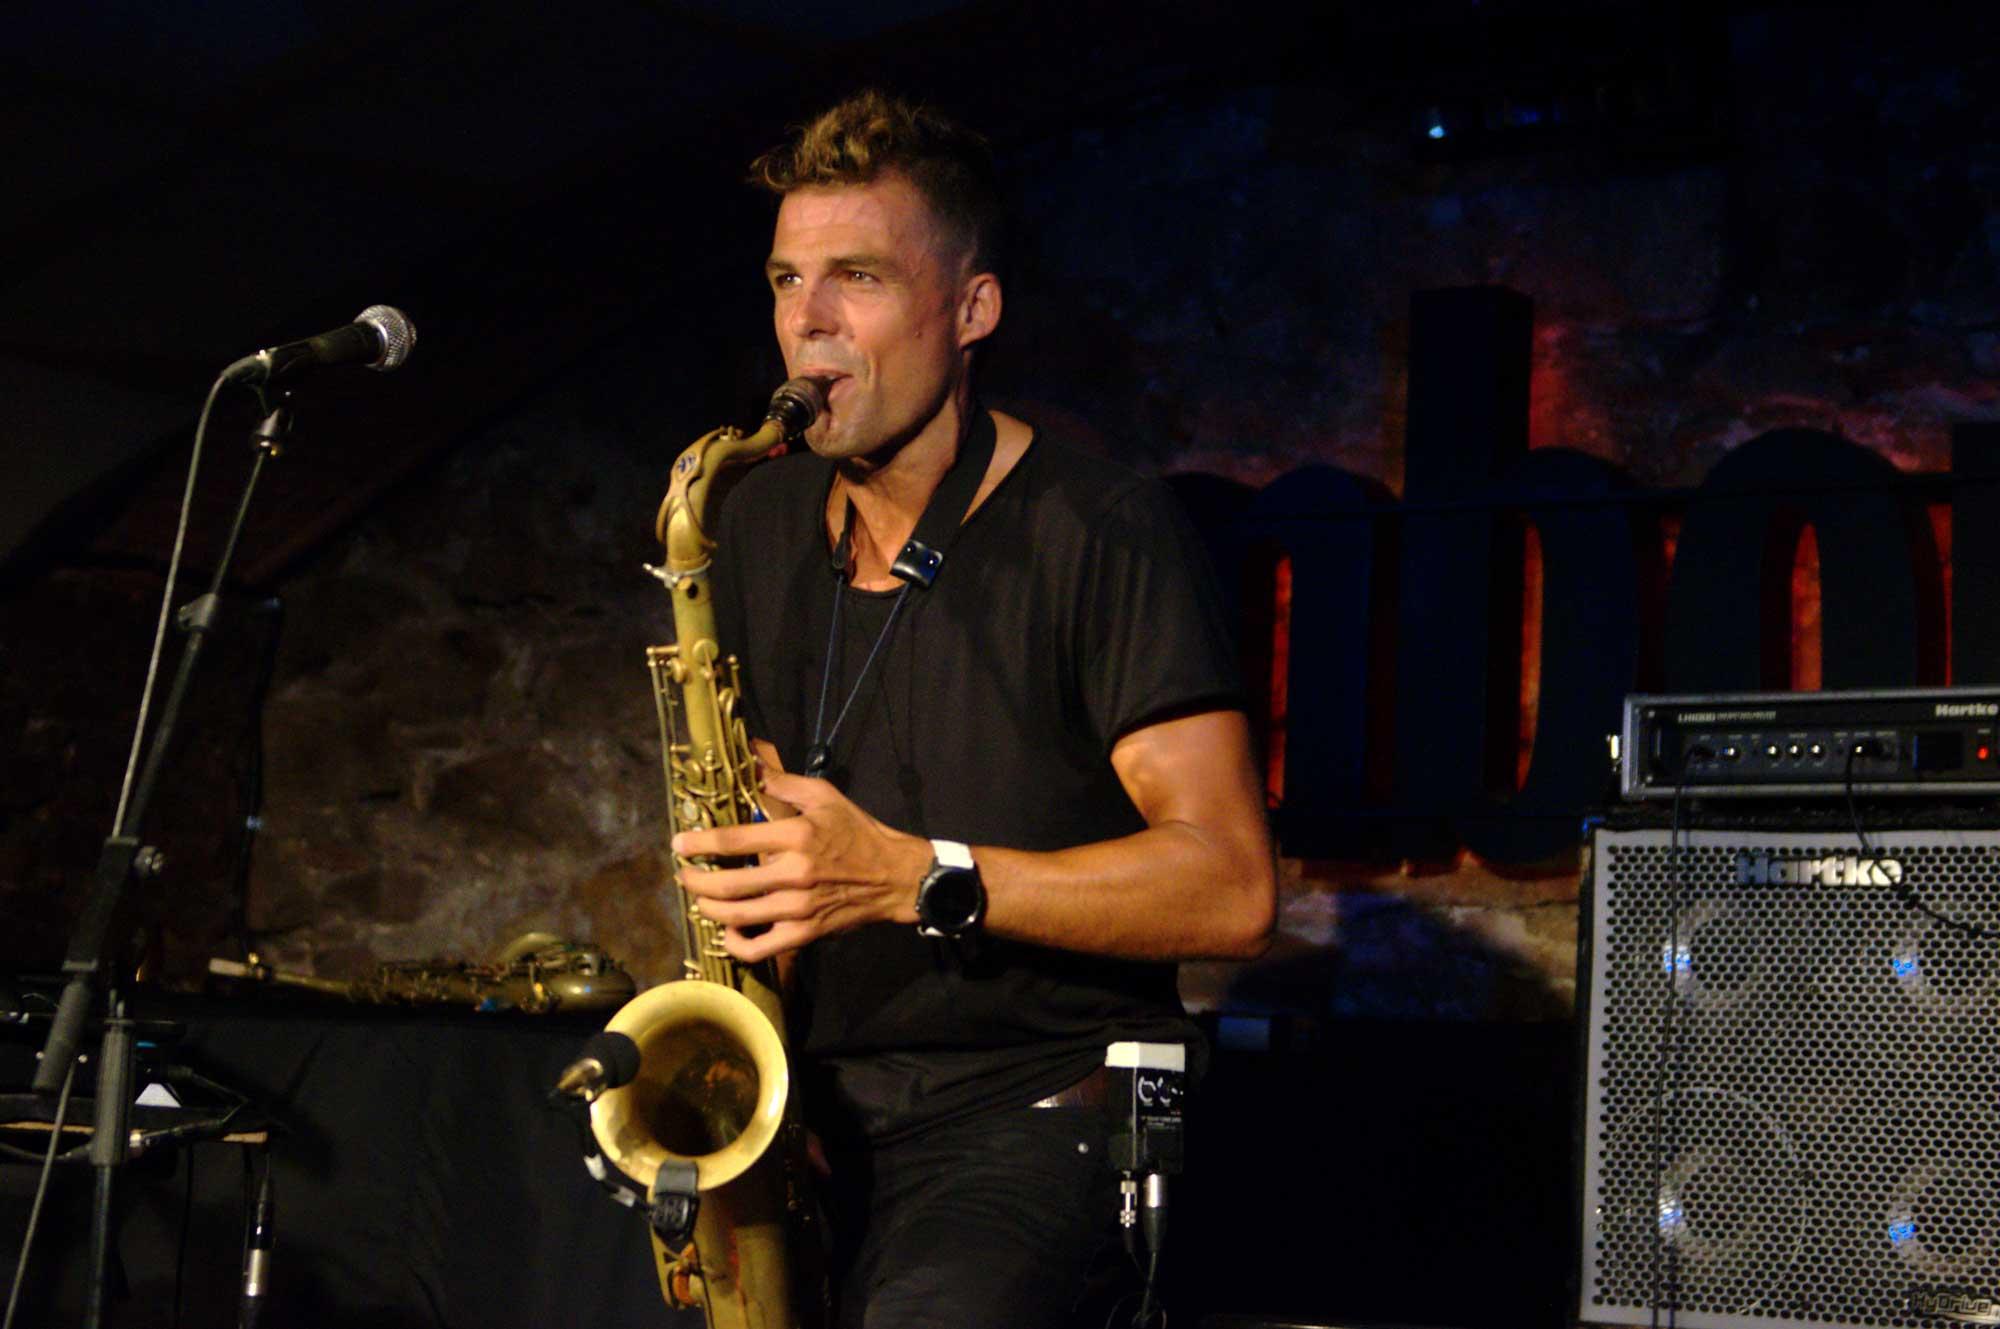 El saxofonista Llibert Fortuny s'ha presentant en solitari a la sala Jamboree de Barcelona. Ha tocat amb saxofons 'normals' i un d'electrònic i també ha fet servir pistes que ha anat gravant durant el concert i altres que ja tenia gravades, com a base rítmica.